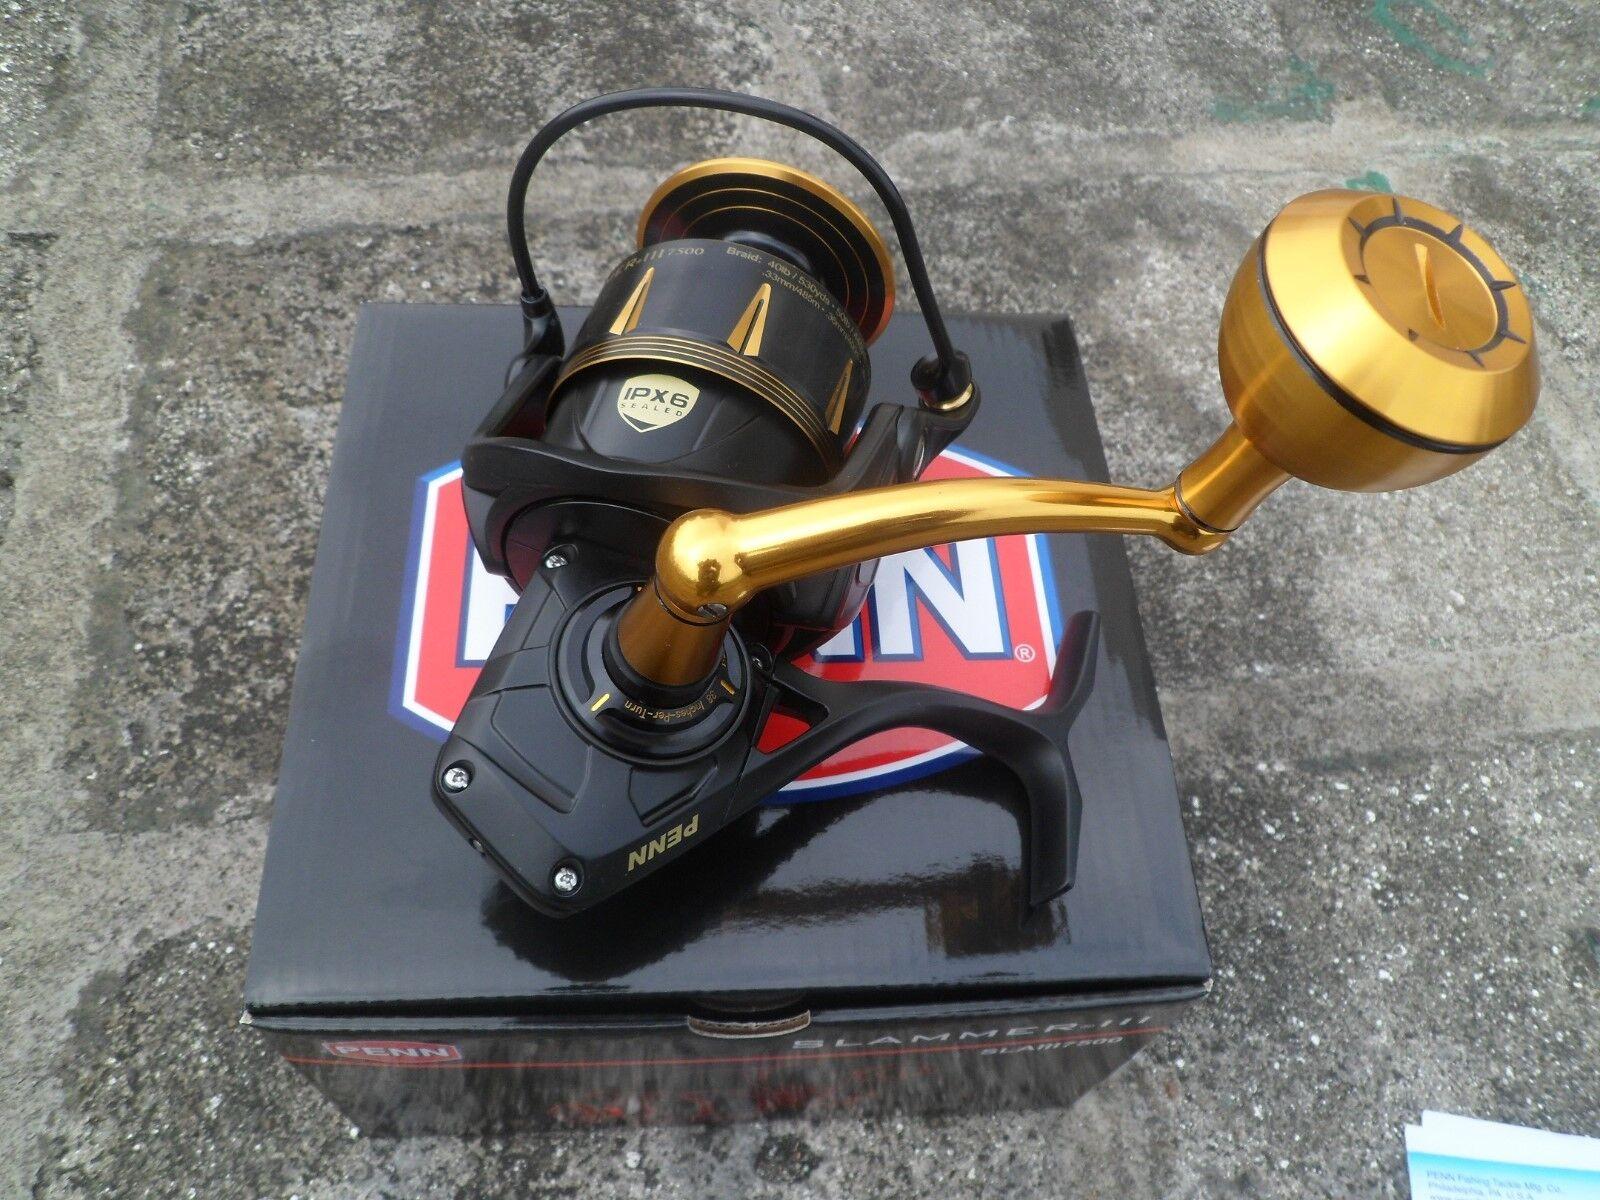 NEW 2017 PENN SLAMMER III Spinning Fishing Reel  6500 SLAIII 6500  we offer various famous brand